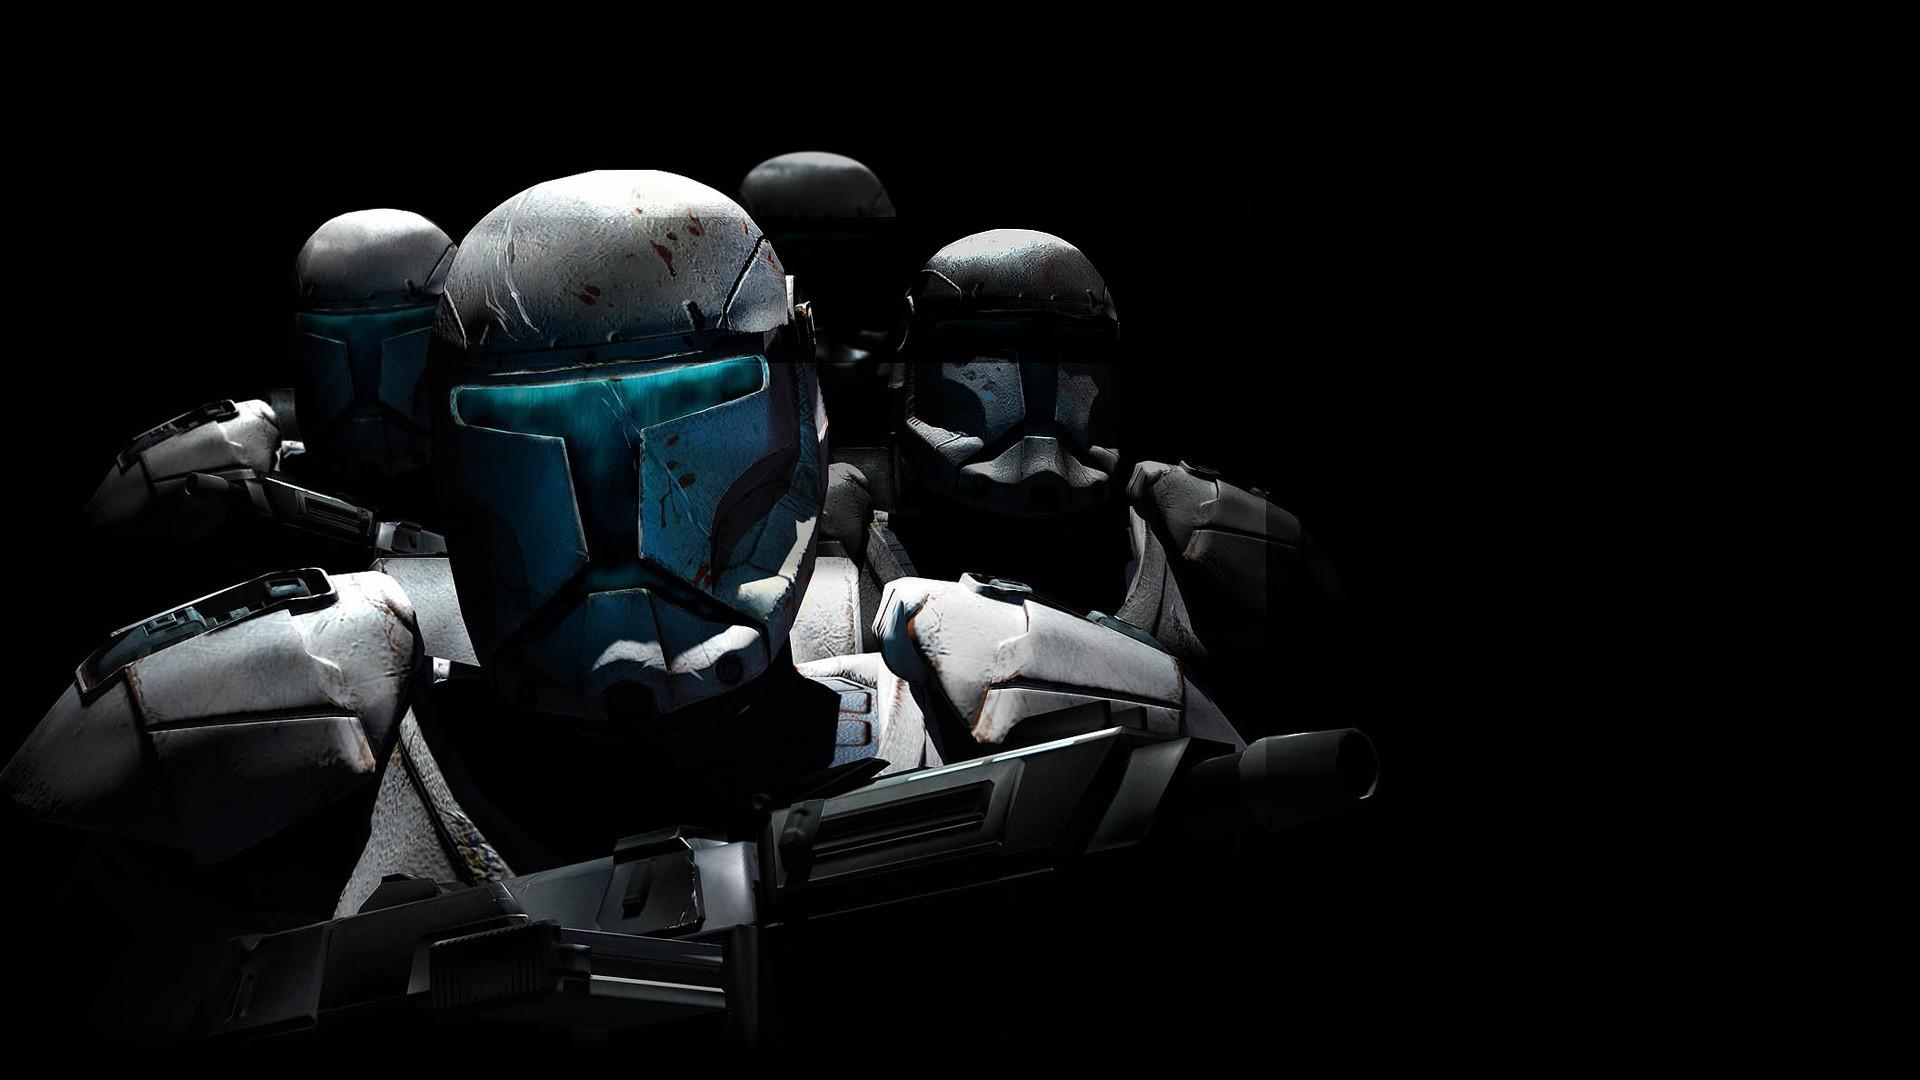 Wallpaper Star Wars Video Games Robot Helmet